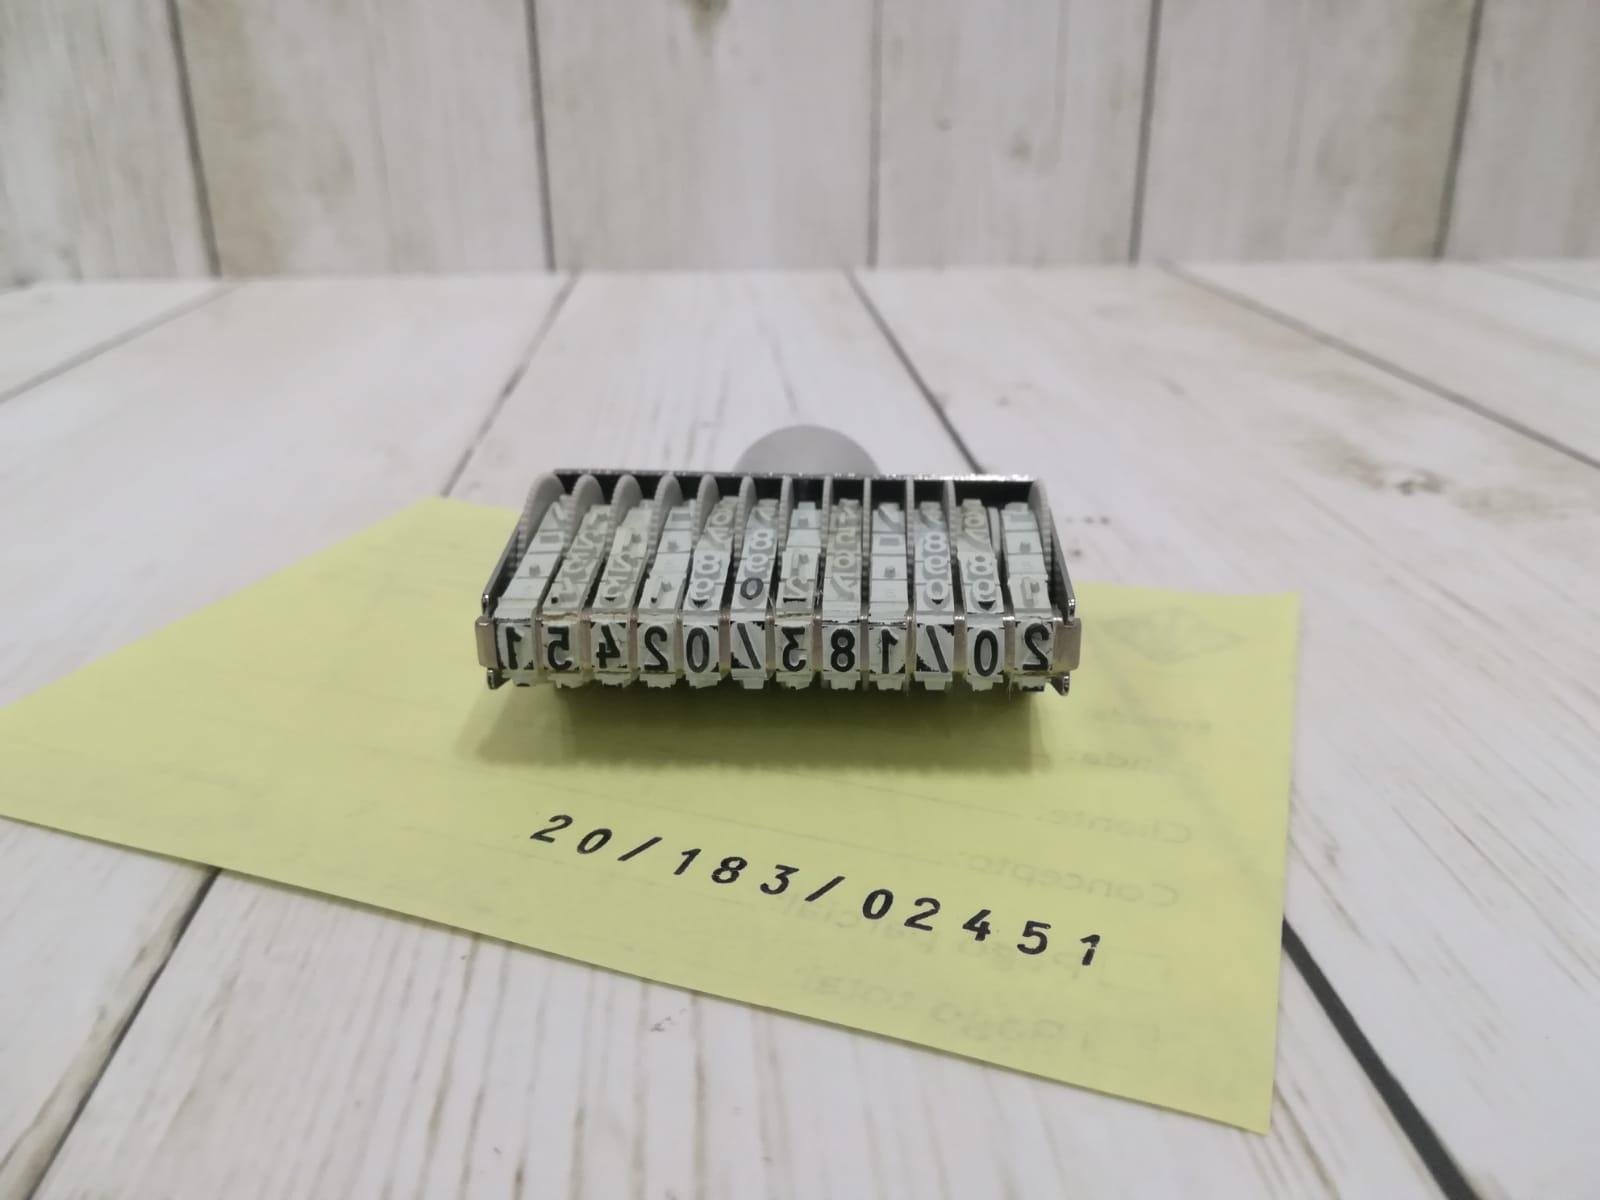 Sellos numeradores manuales para oficina